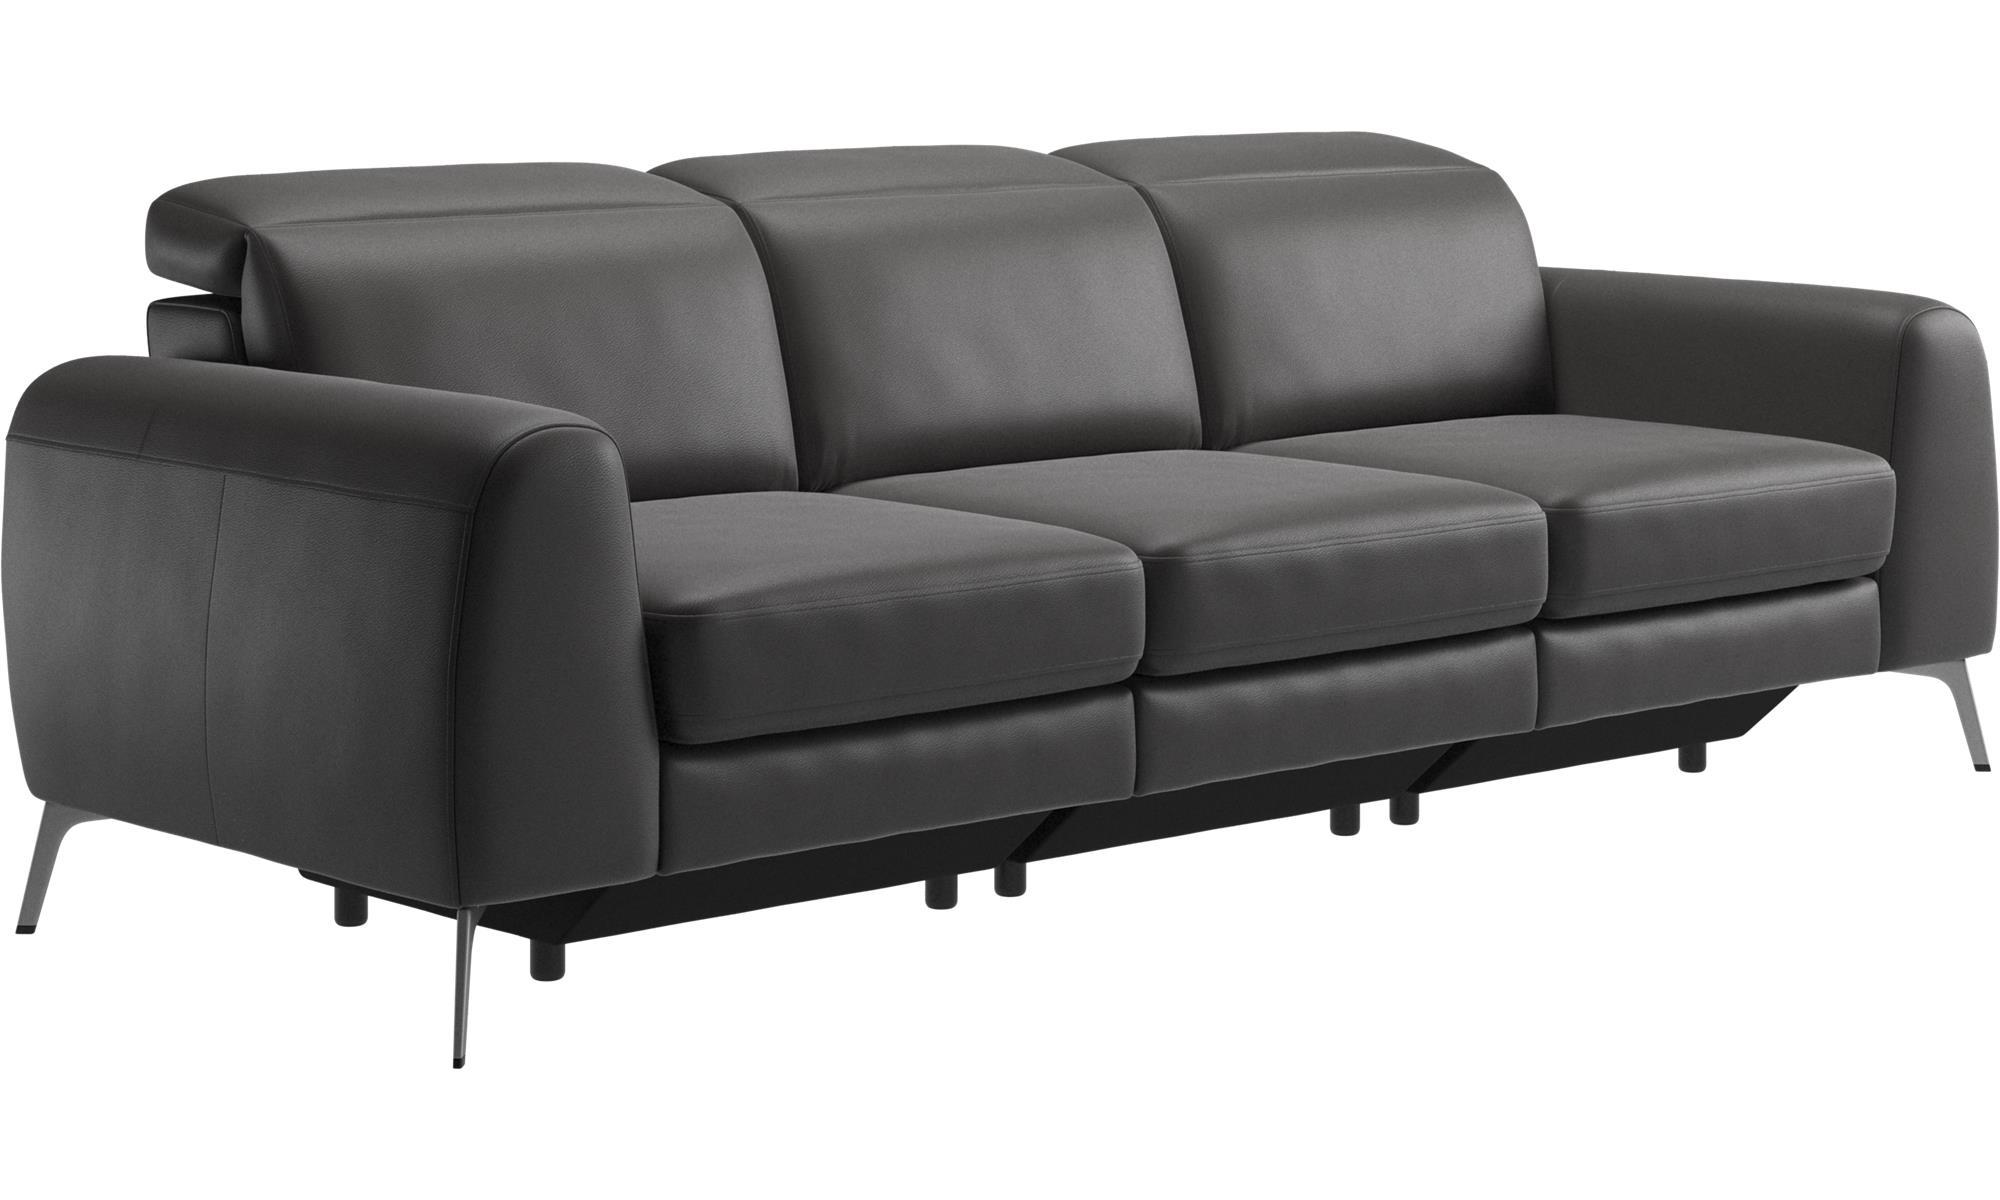 Bezaubernd Sofa Kopfstütze Foto Von 3-sitzer Sofas - Madison Mit Verstellbarer Kopfstütze